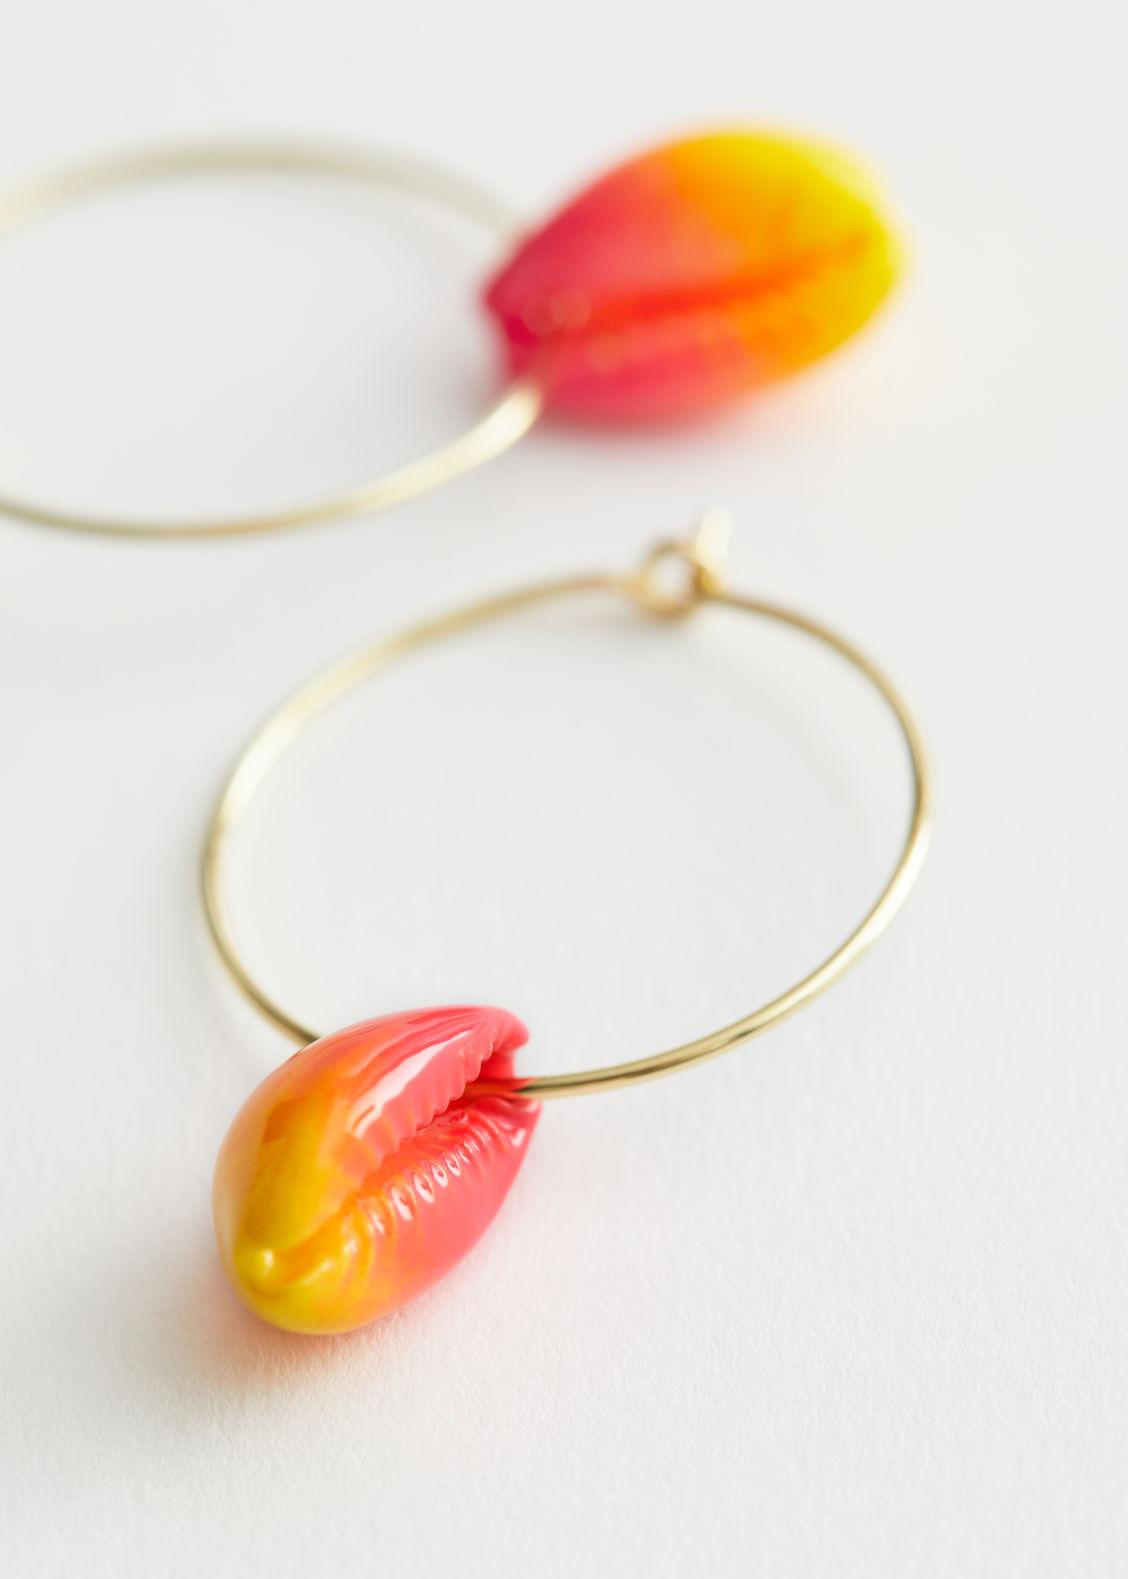 앤 아더 스토리즈 조개 귀걸이 & OTHER STORIES Colour Block Puka Shell Earrings,Pink, Orange